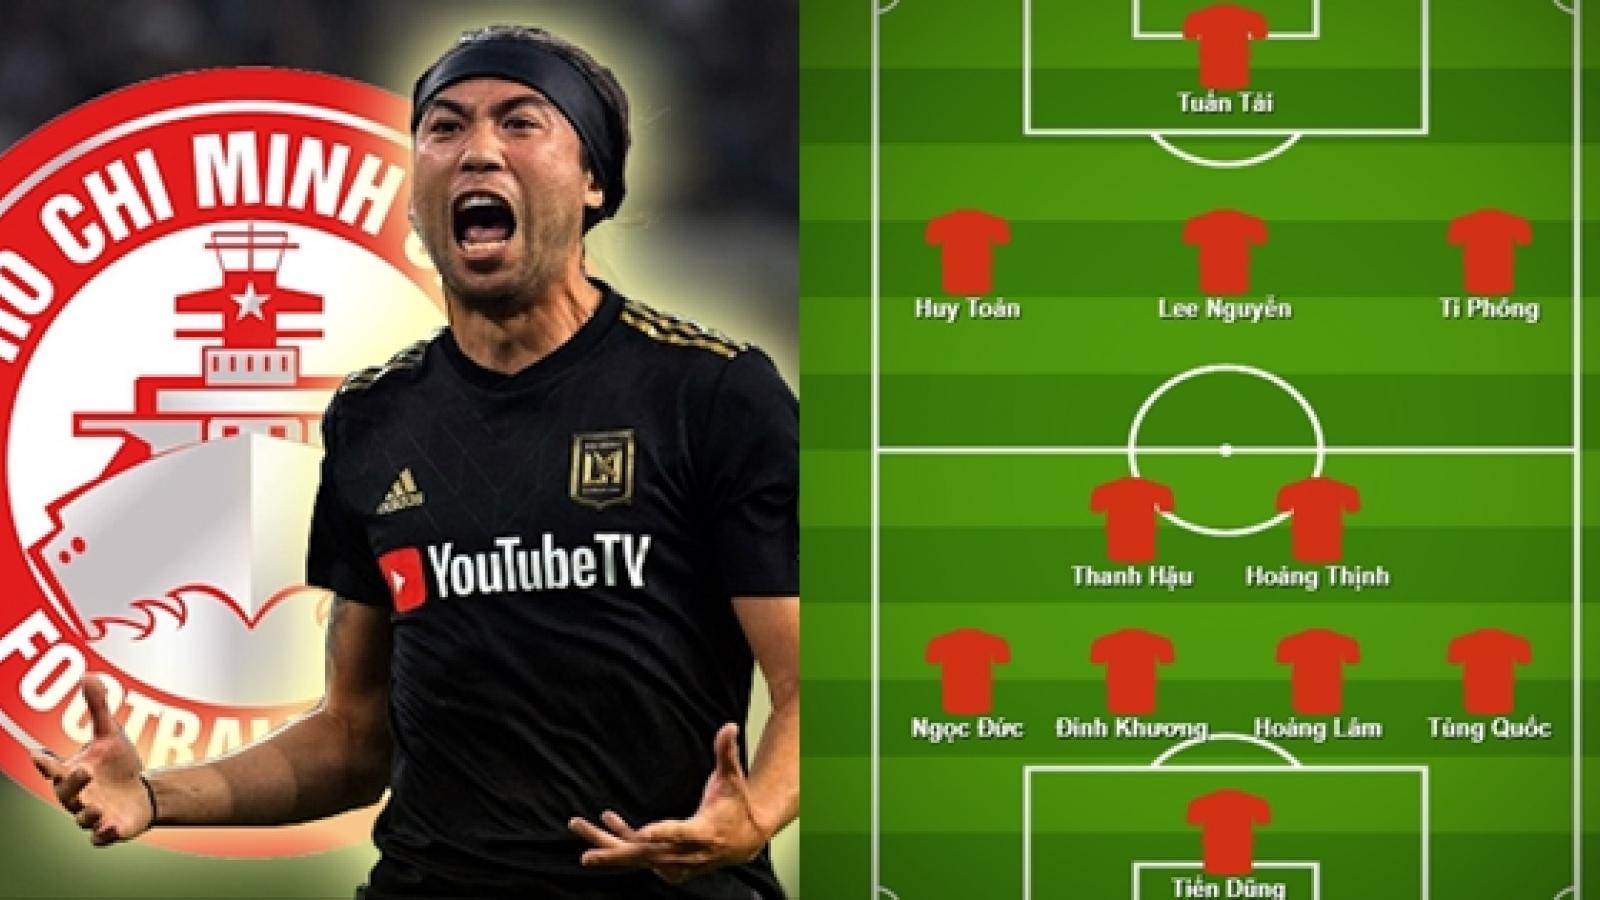 """Lee Nguyễn và đội hình nội binh """"sao số"""" của TPHCM ở V-League 2021"""